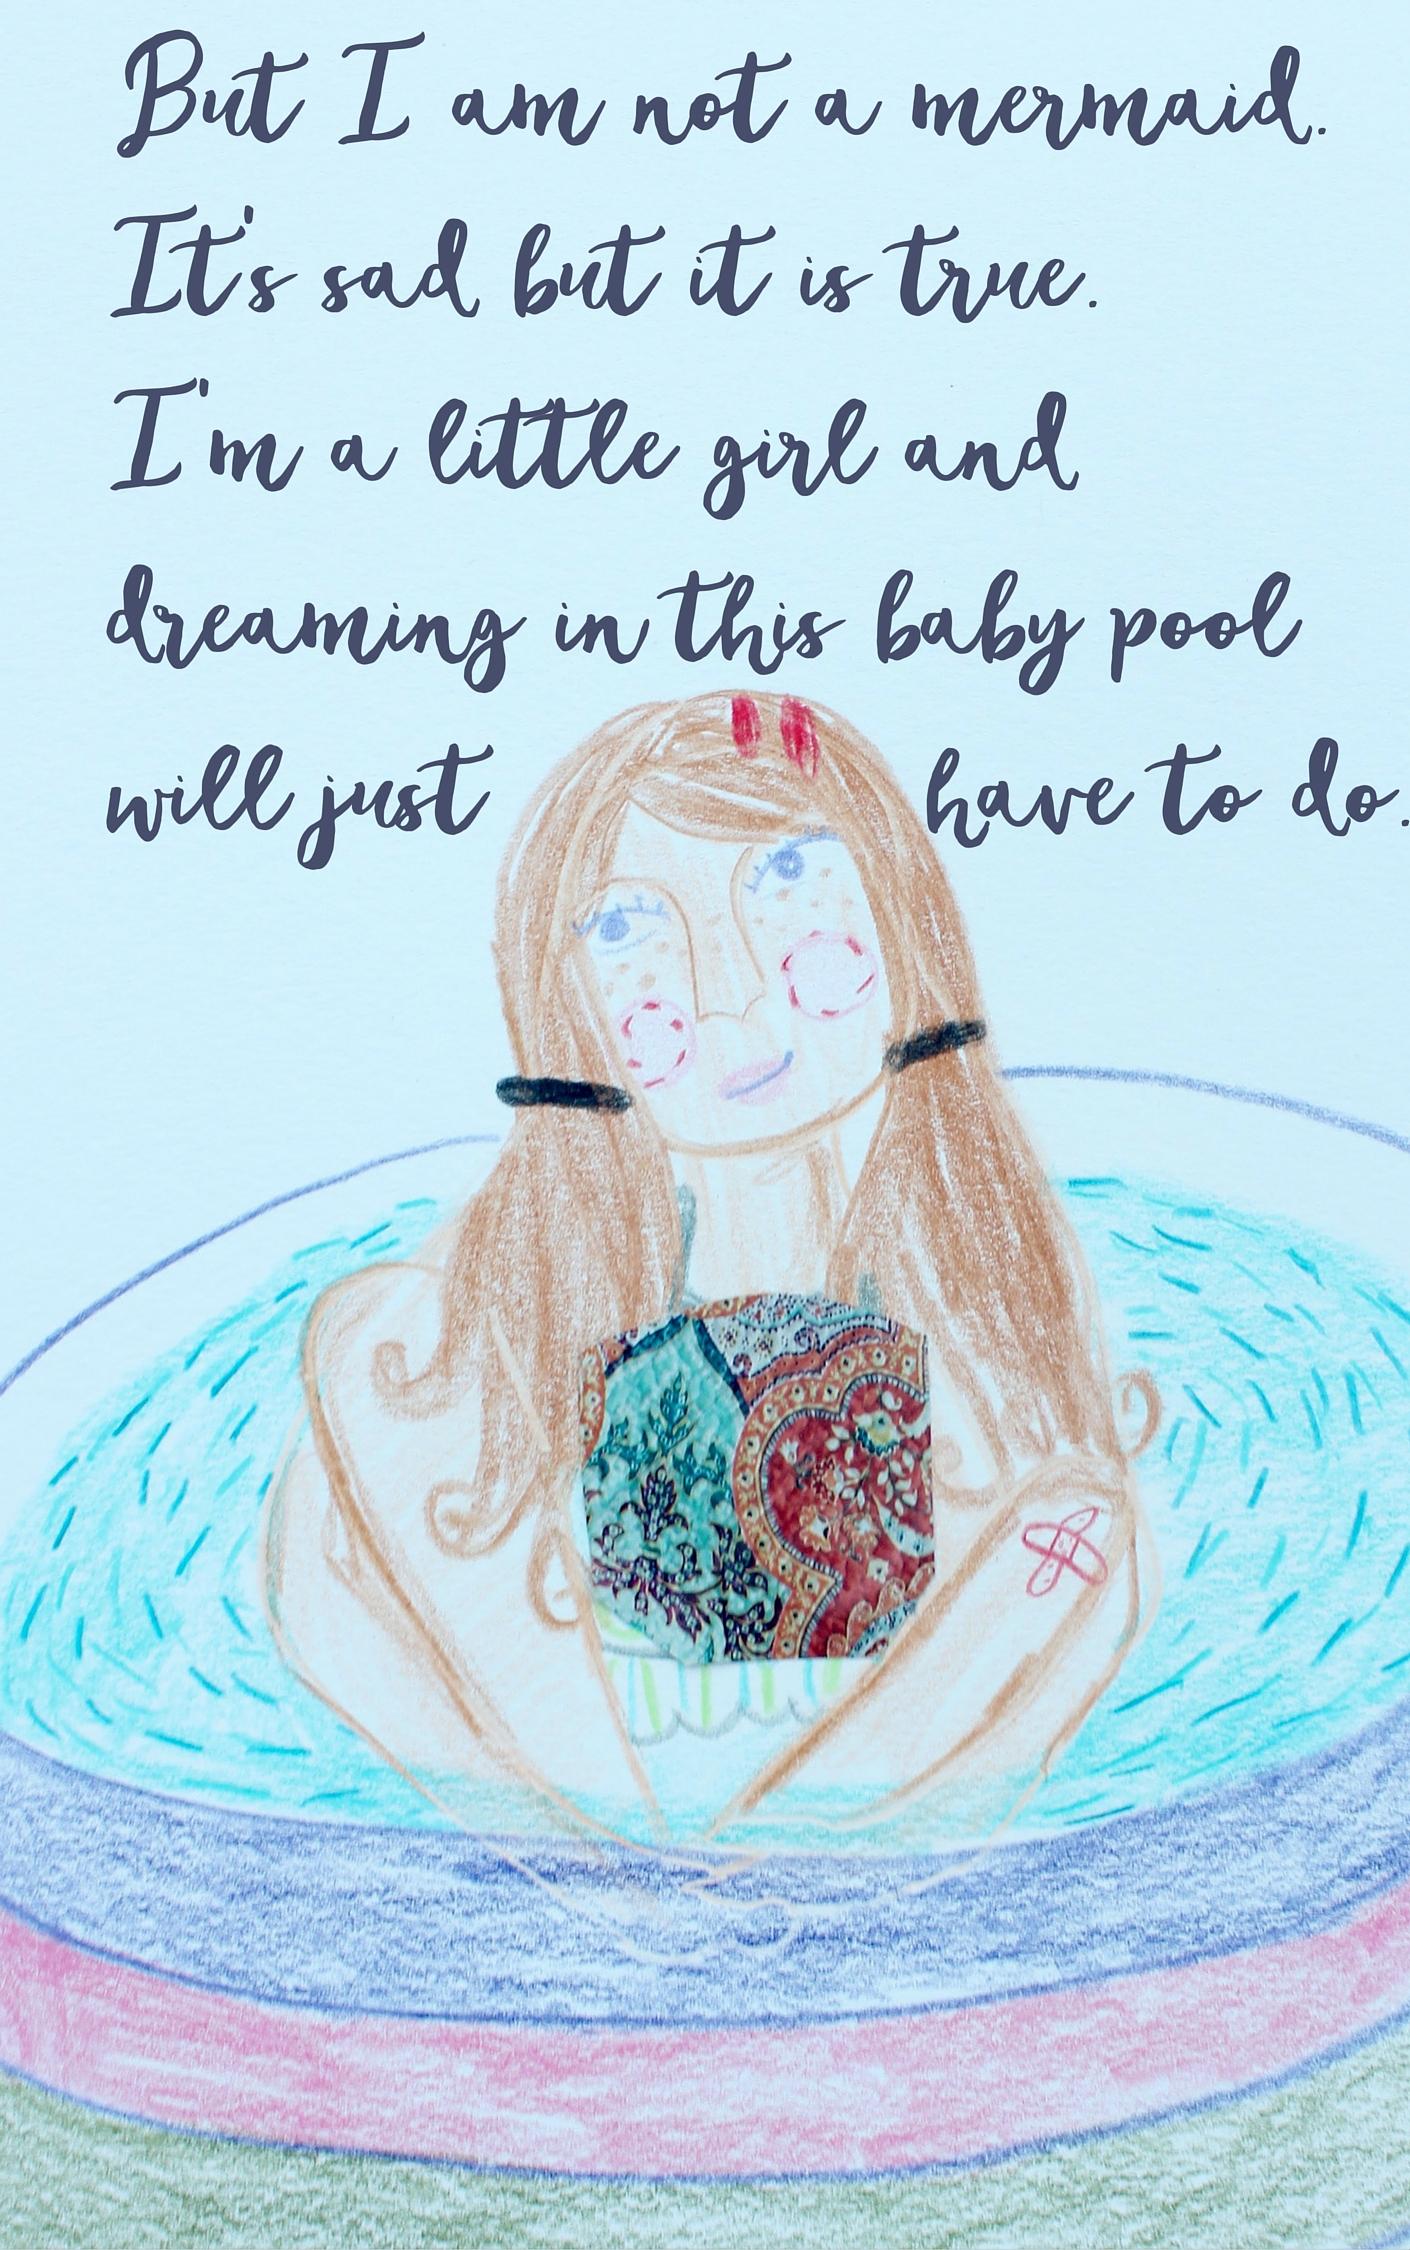 end mermaid